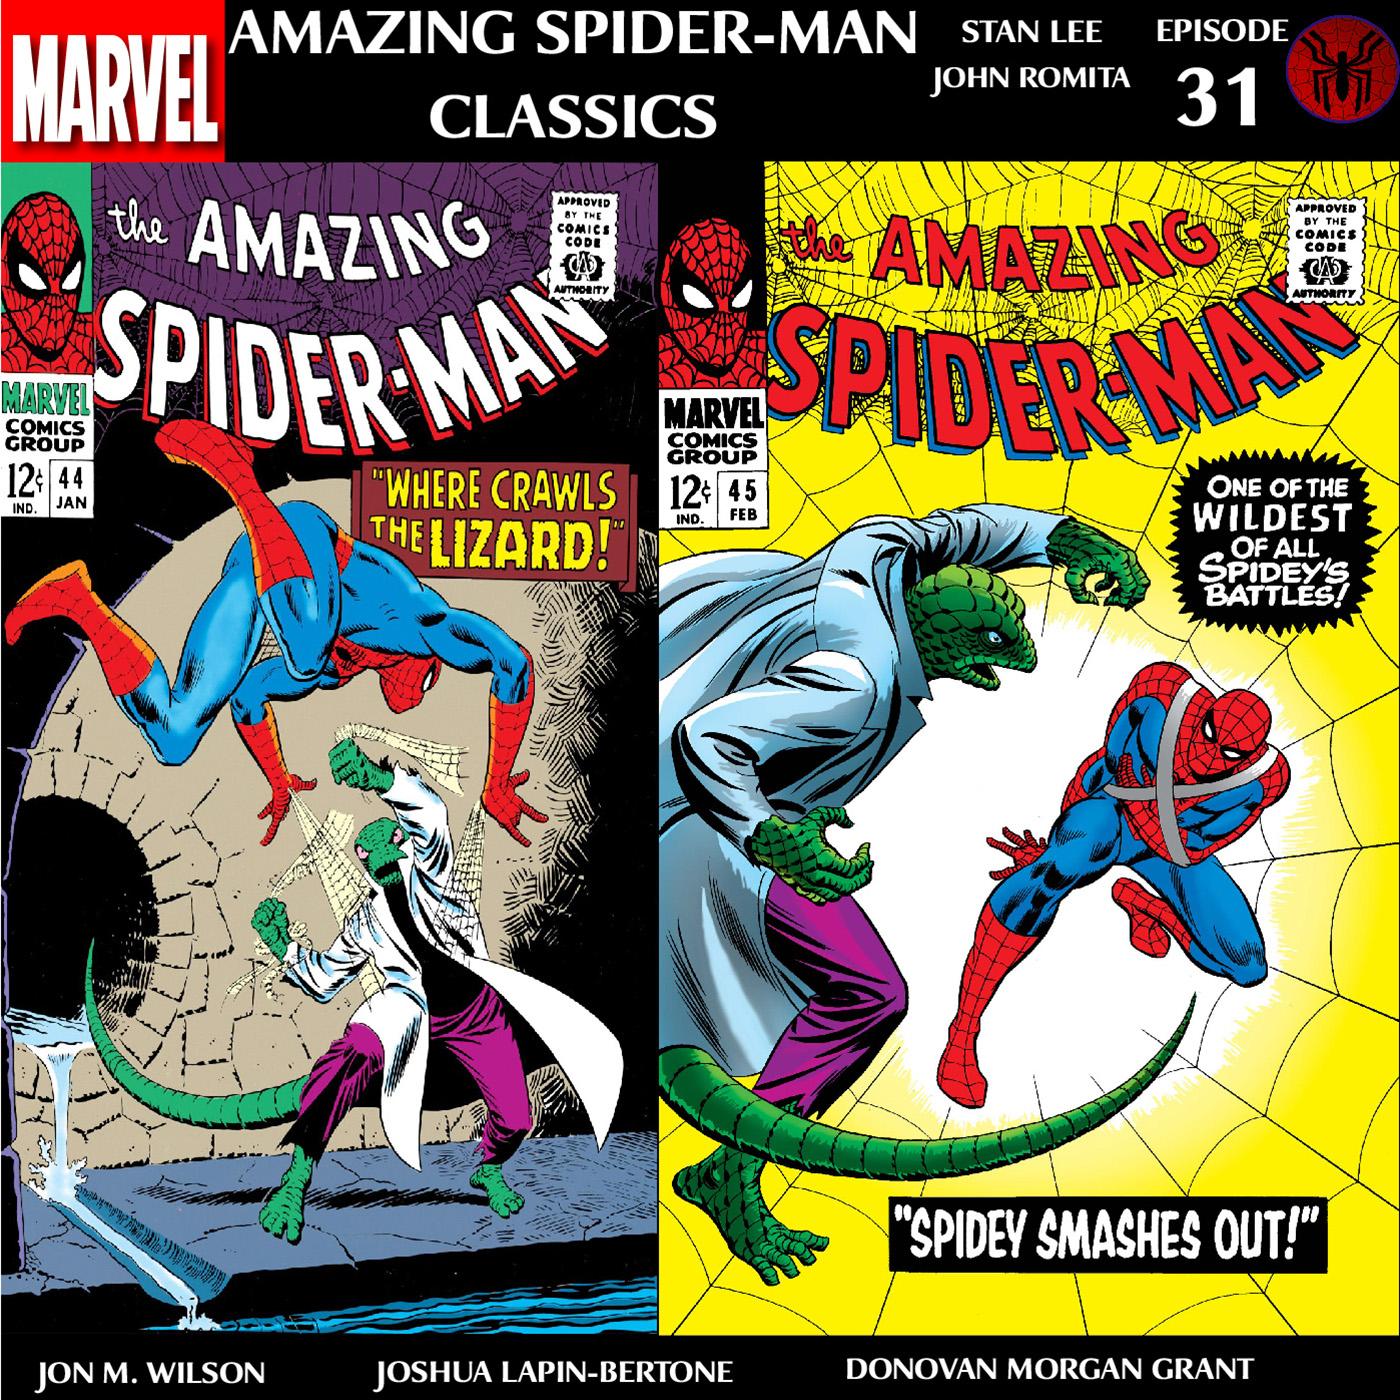 Amazing Spider-Man Classics Episode 31: ASM 44 & 45